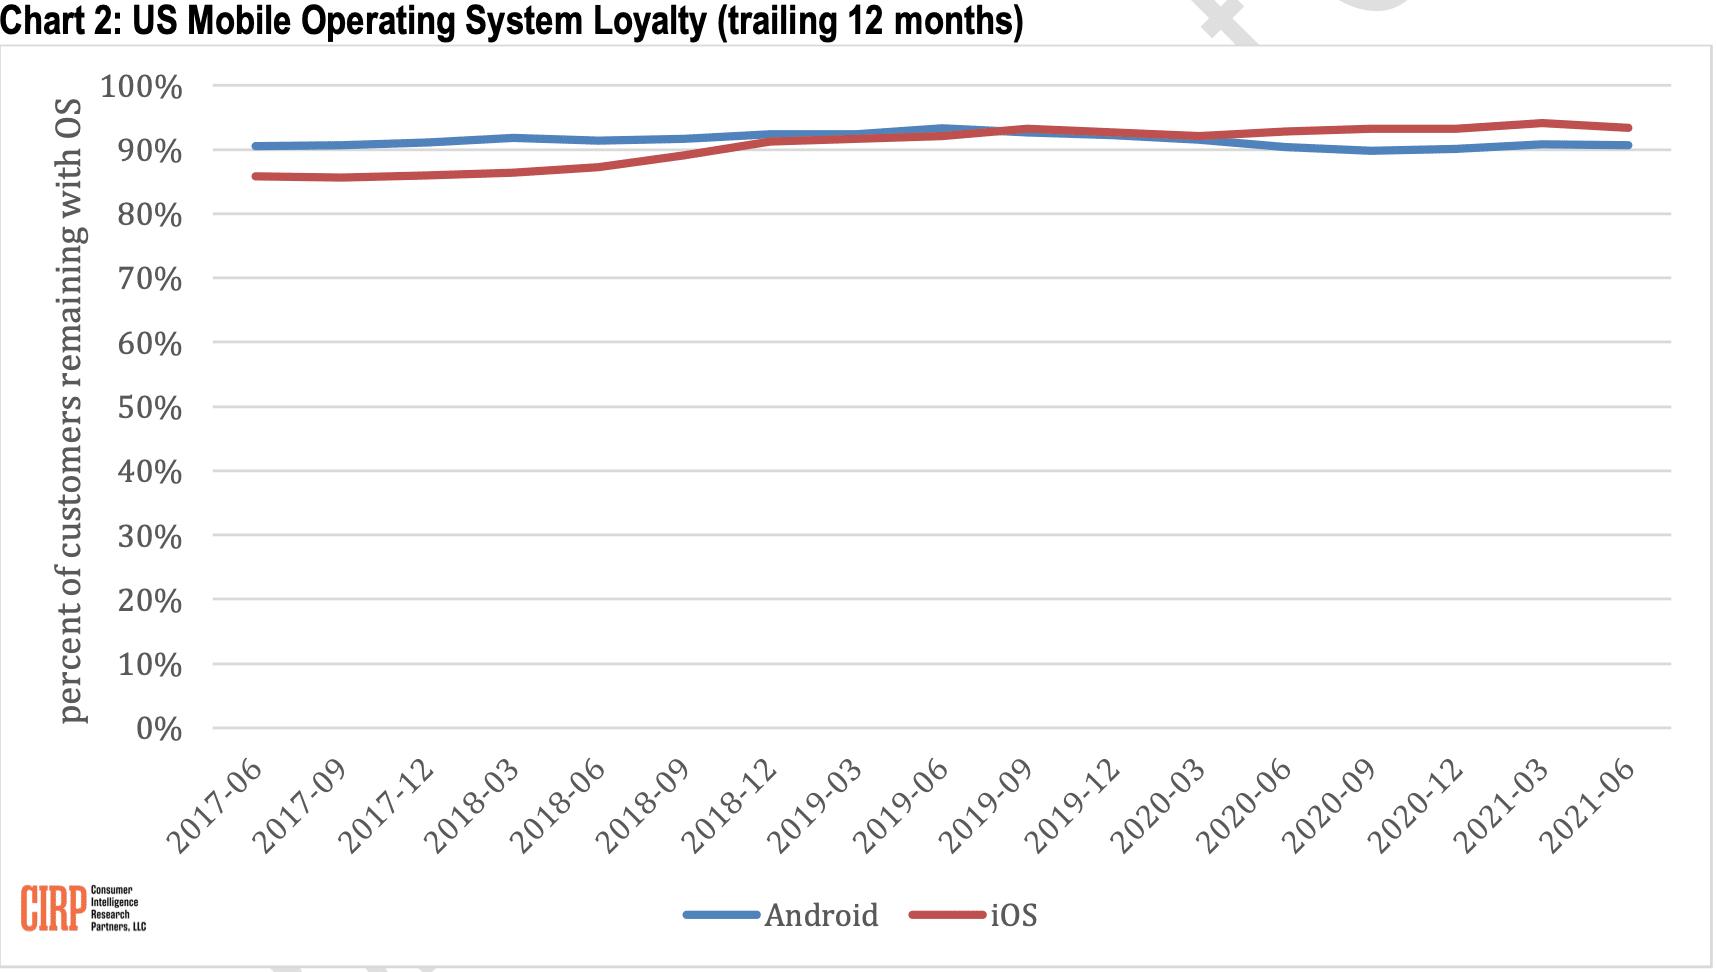 CIRP: fidelización a los sistemas operativos (iOS y Android)